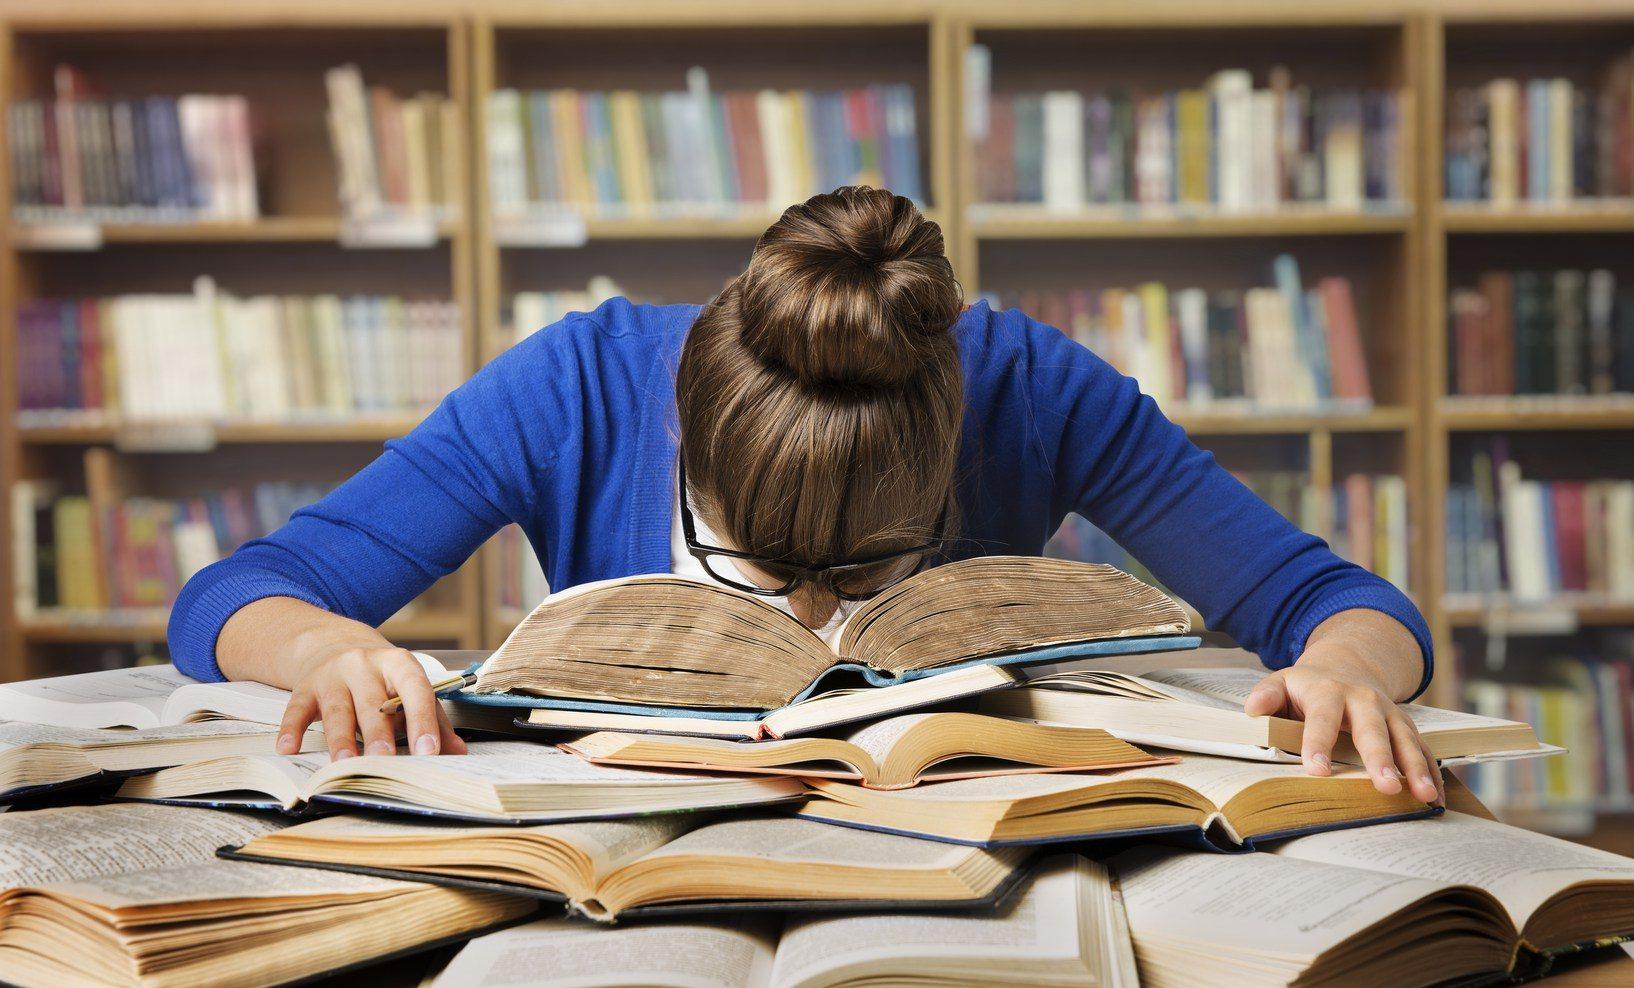 نوشتن رساله یا تز تاثیرگذار